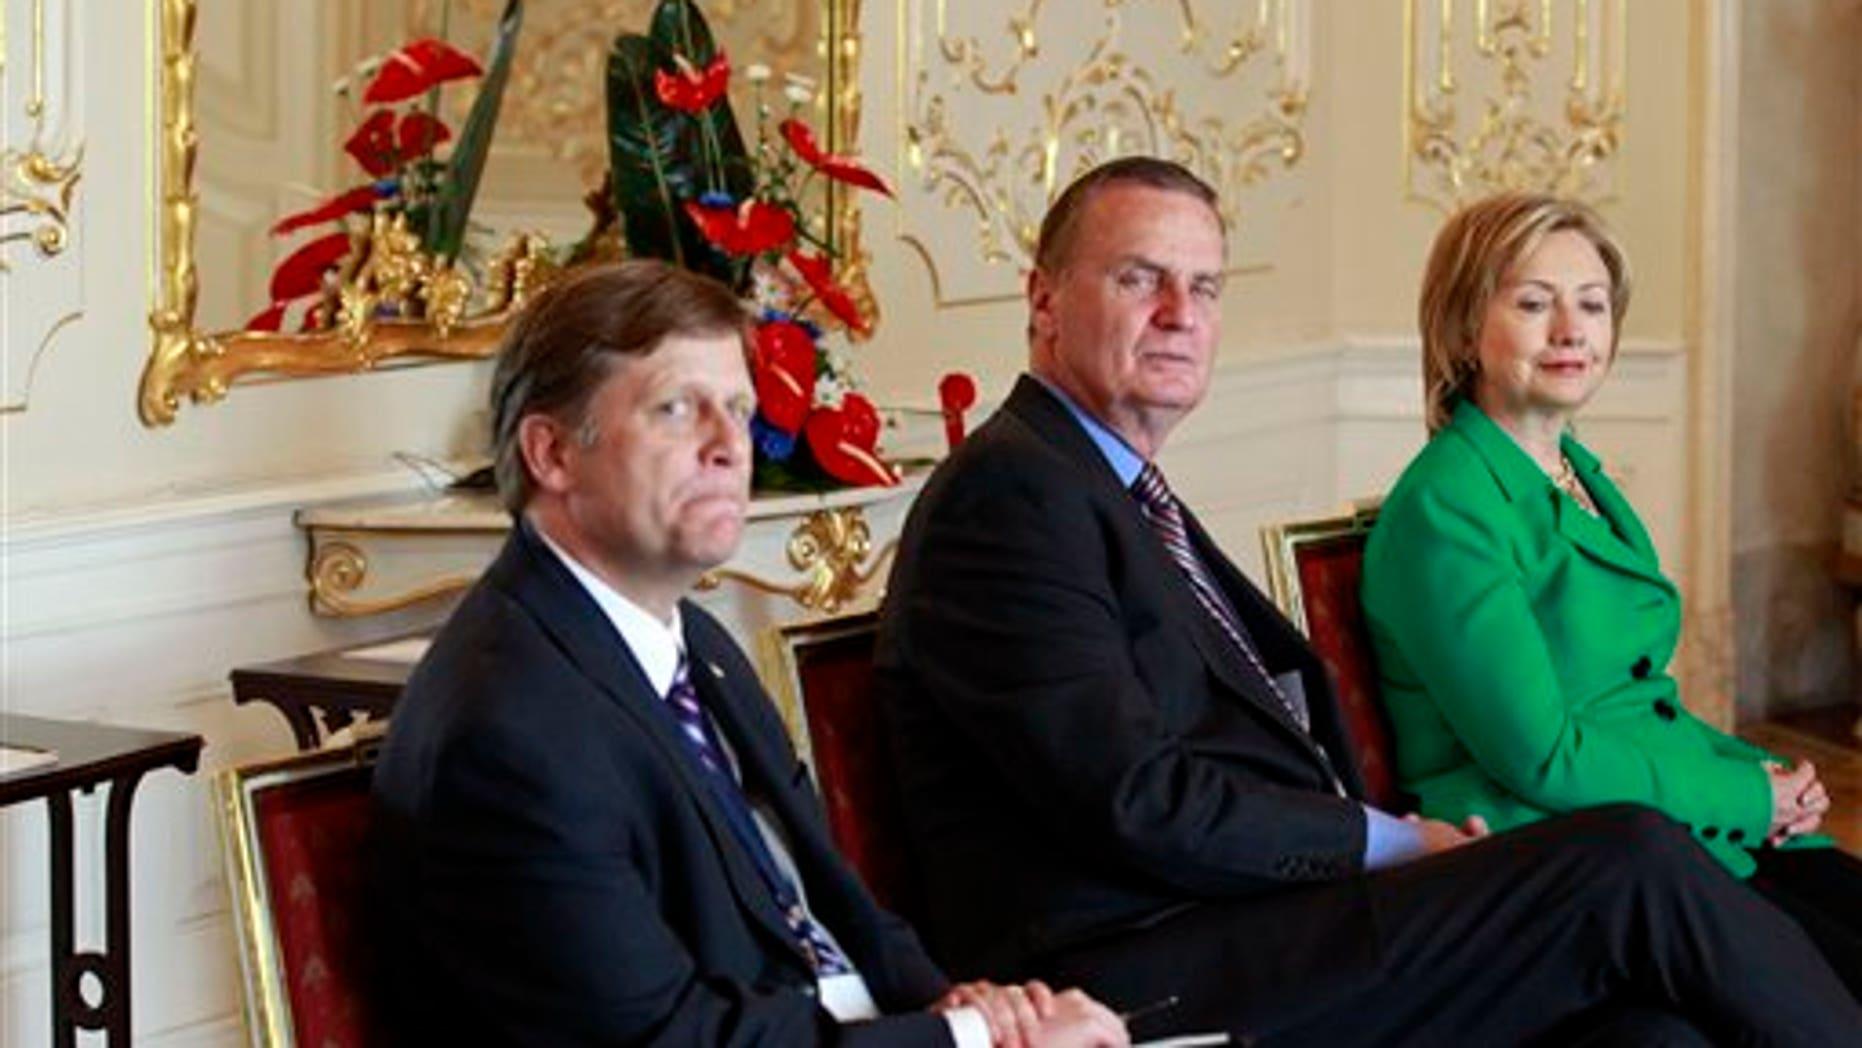 AP Photo; April 8, 2010; McFaul on left